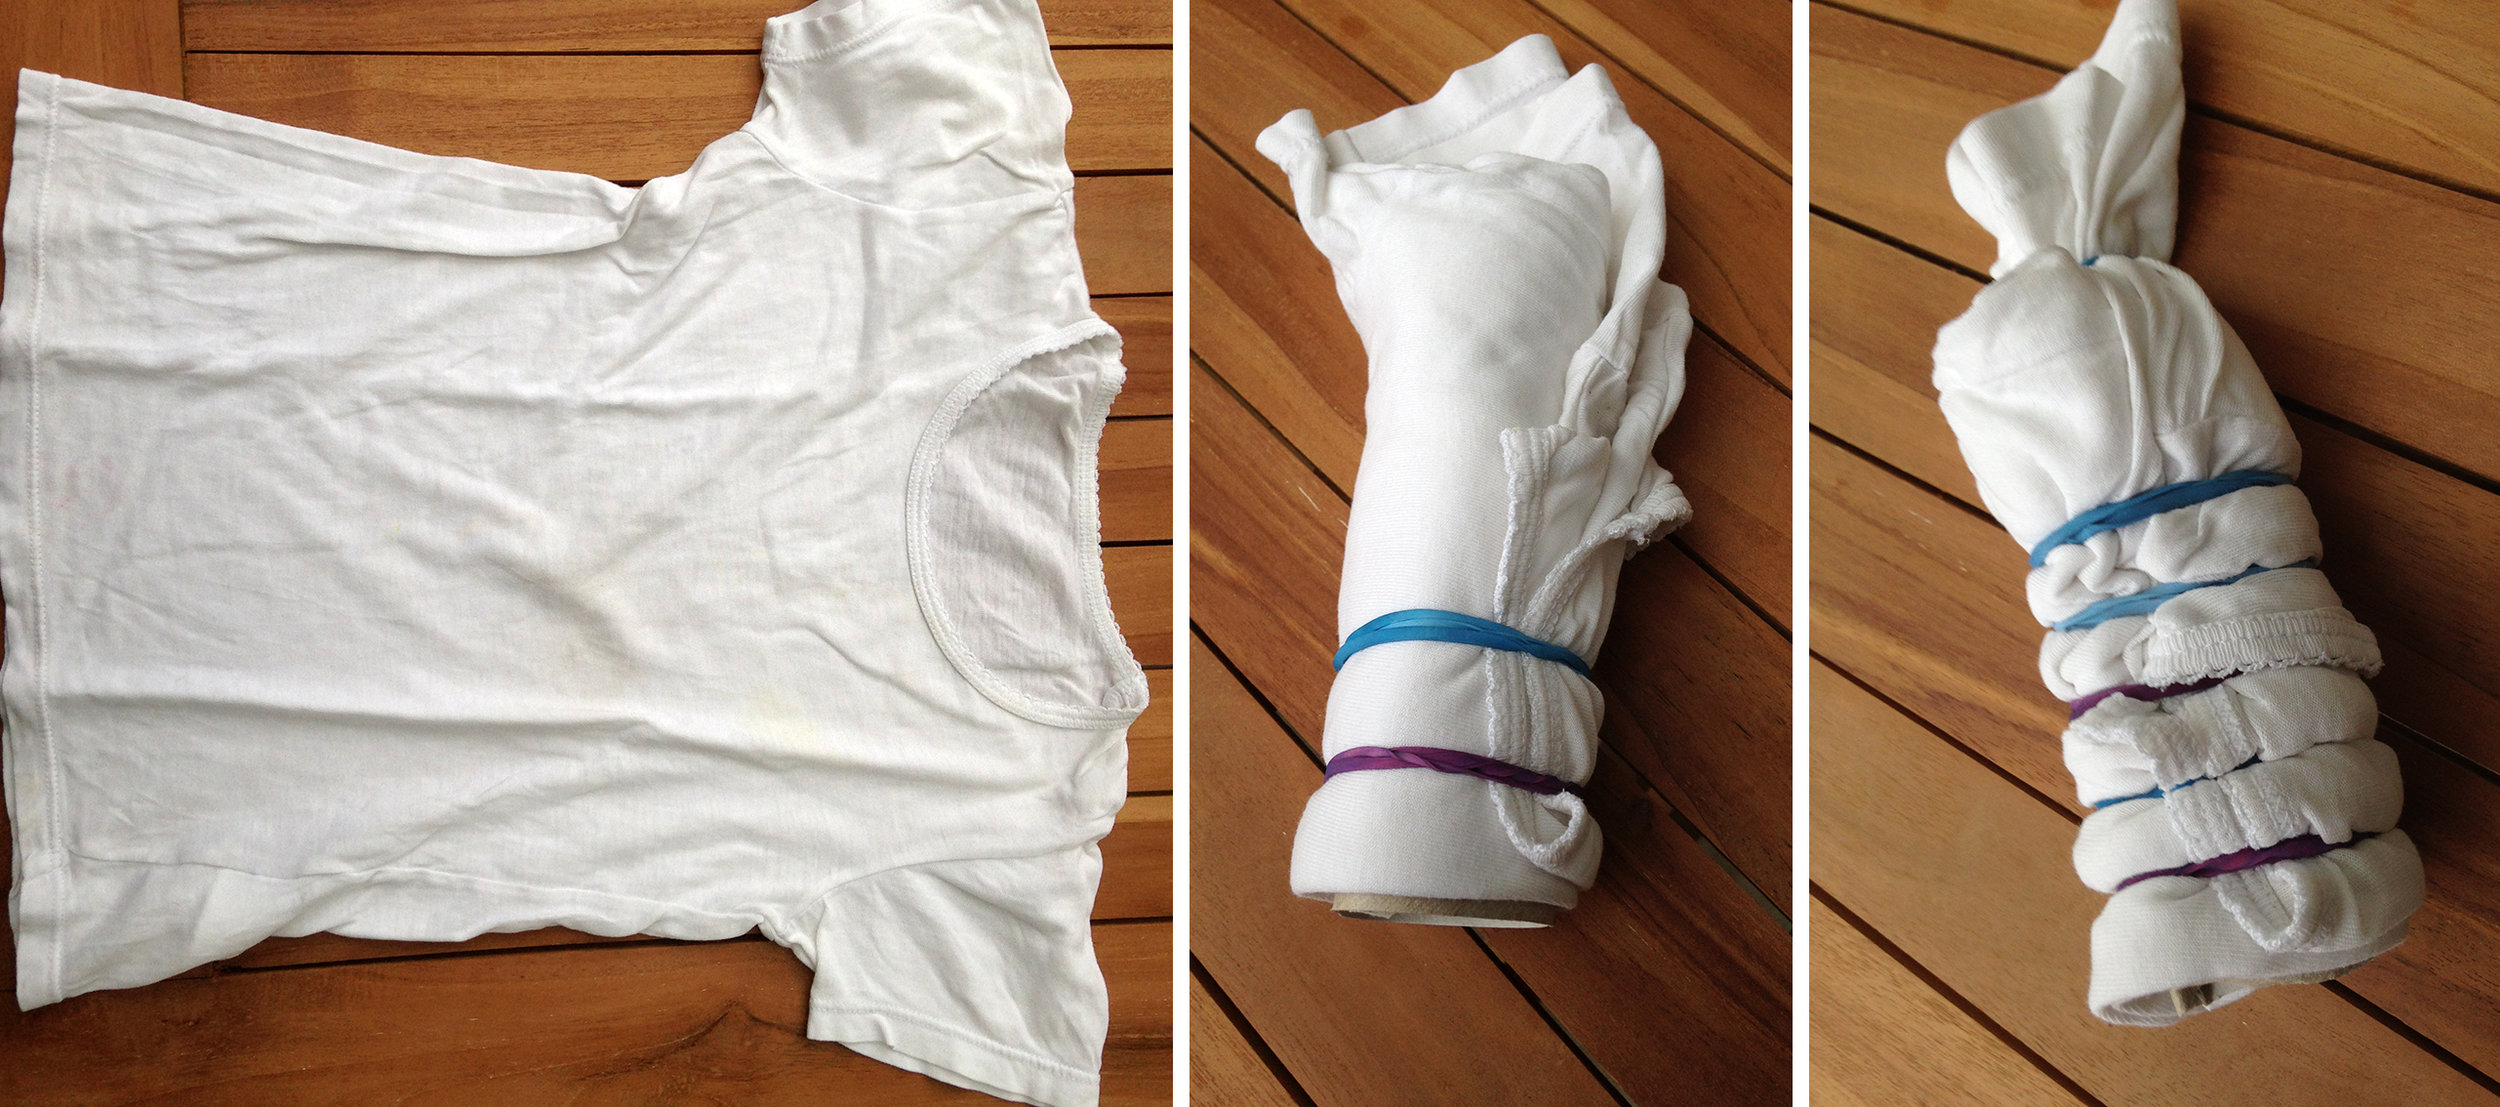 Kinder-Shirt auf Papprolle gewickelt, danach mit Gummibändern abgebunden und gerafft